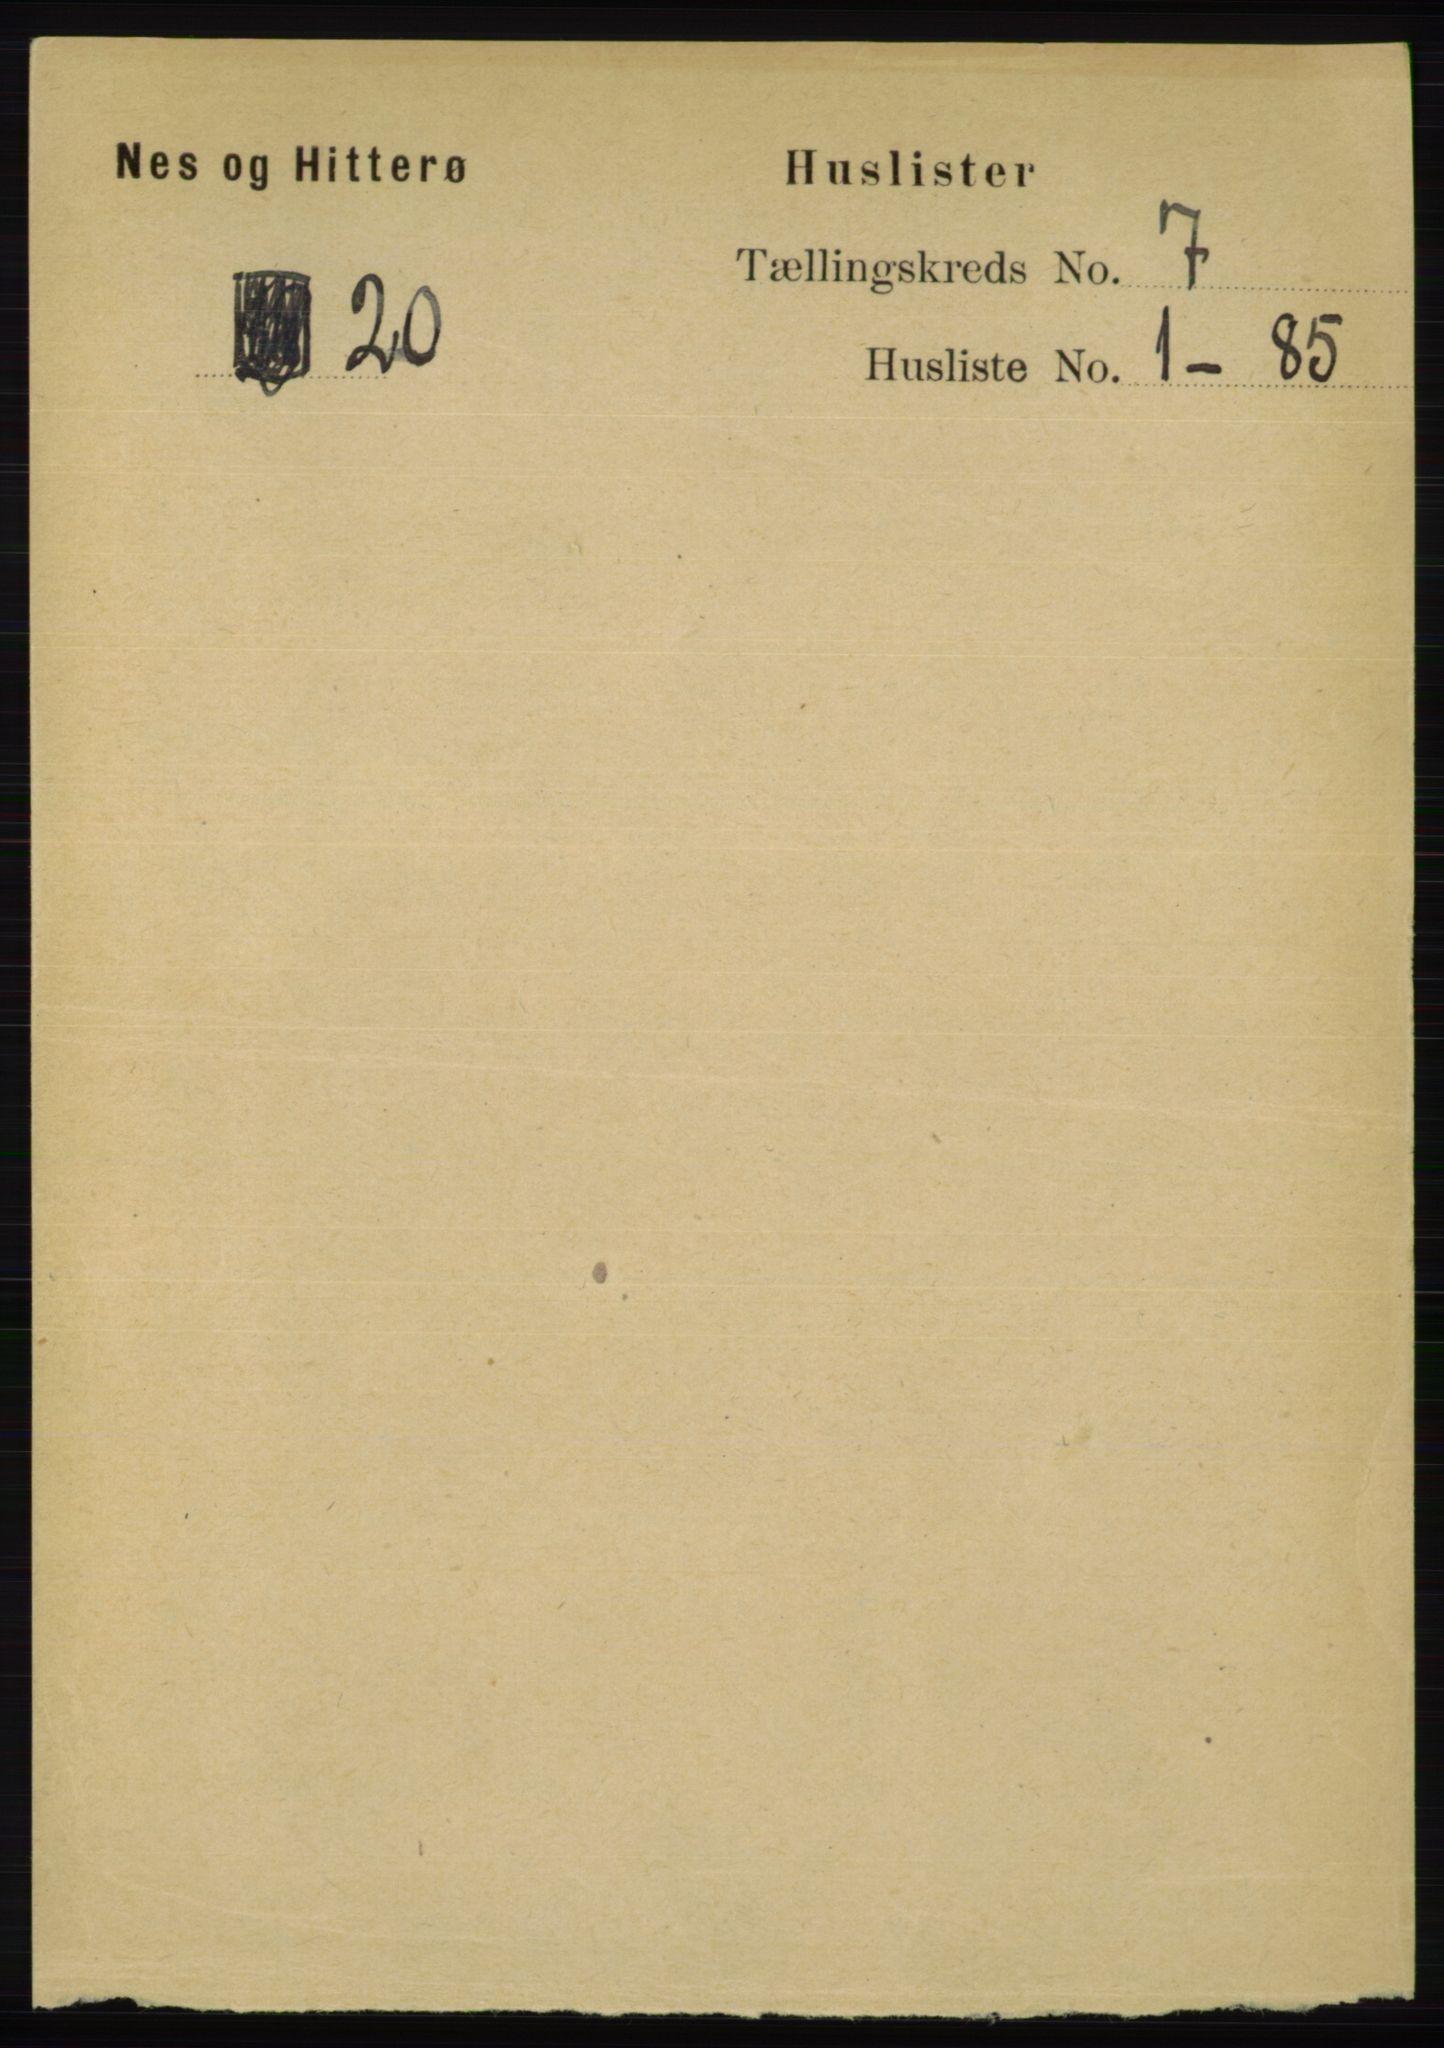 RA, Folketelling 1891 for 1043 Hidra og Nes herred, 1891, s. 2712